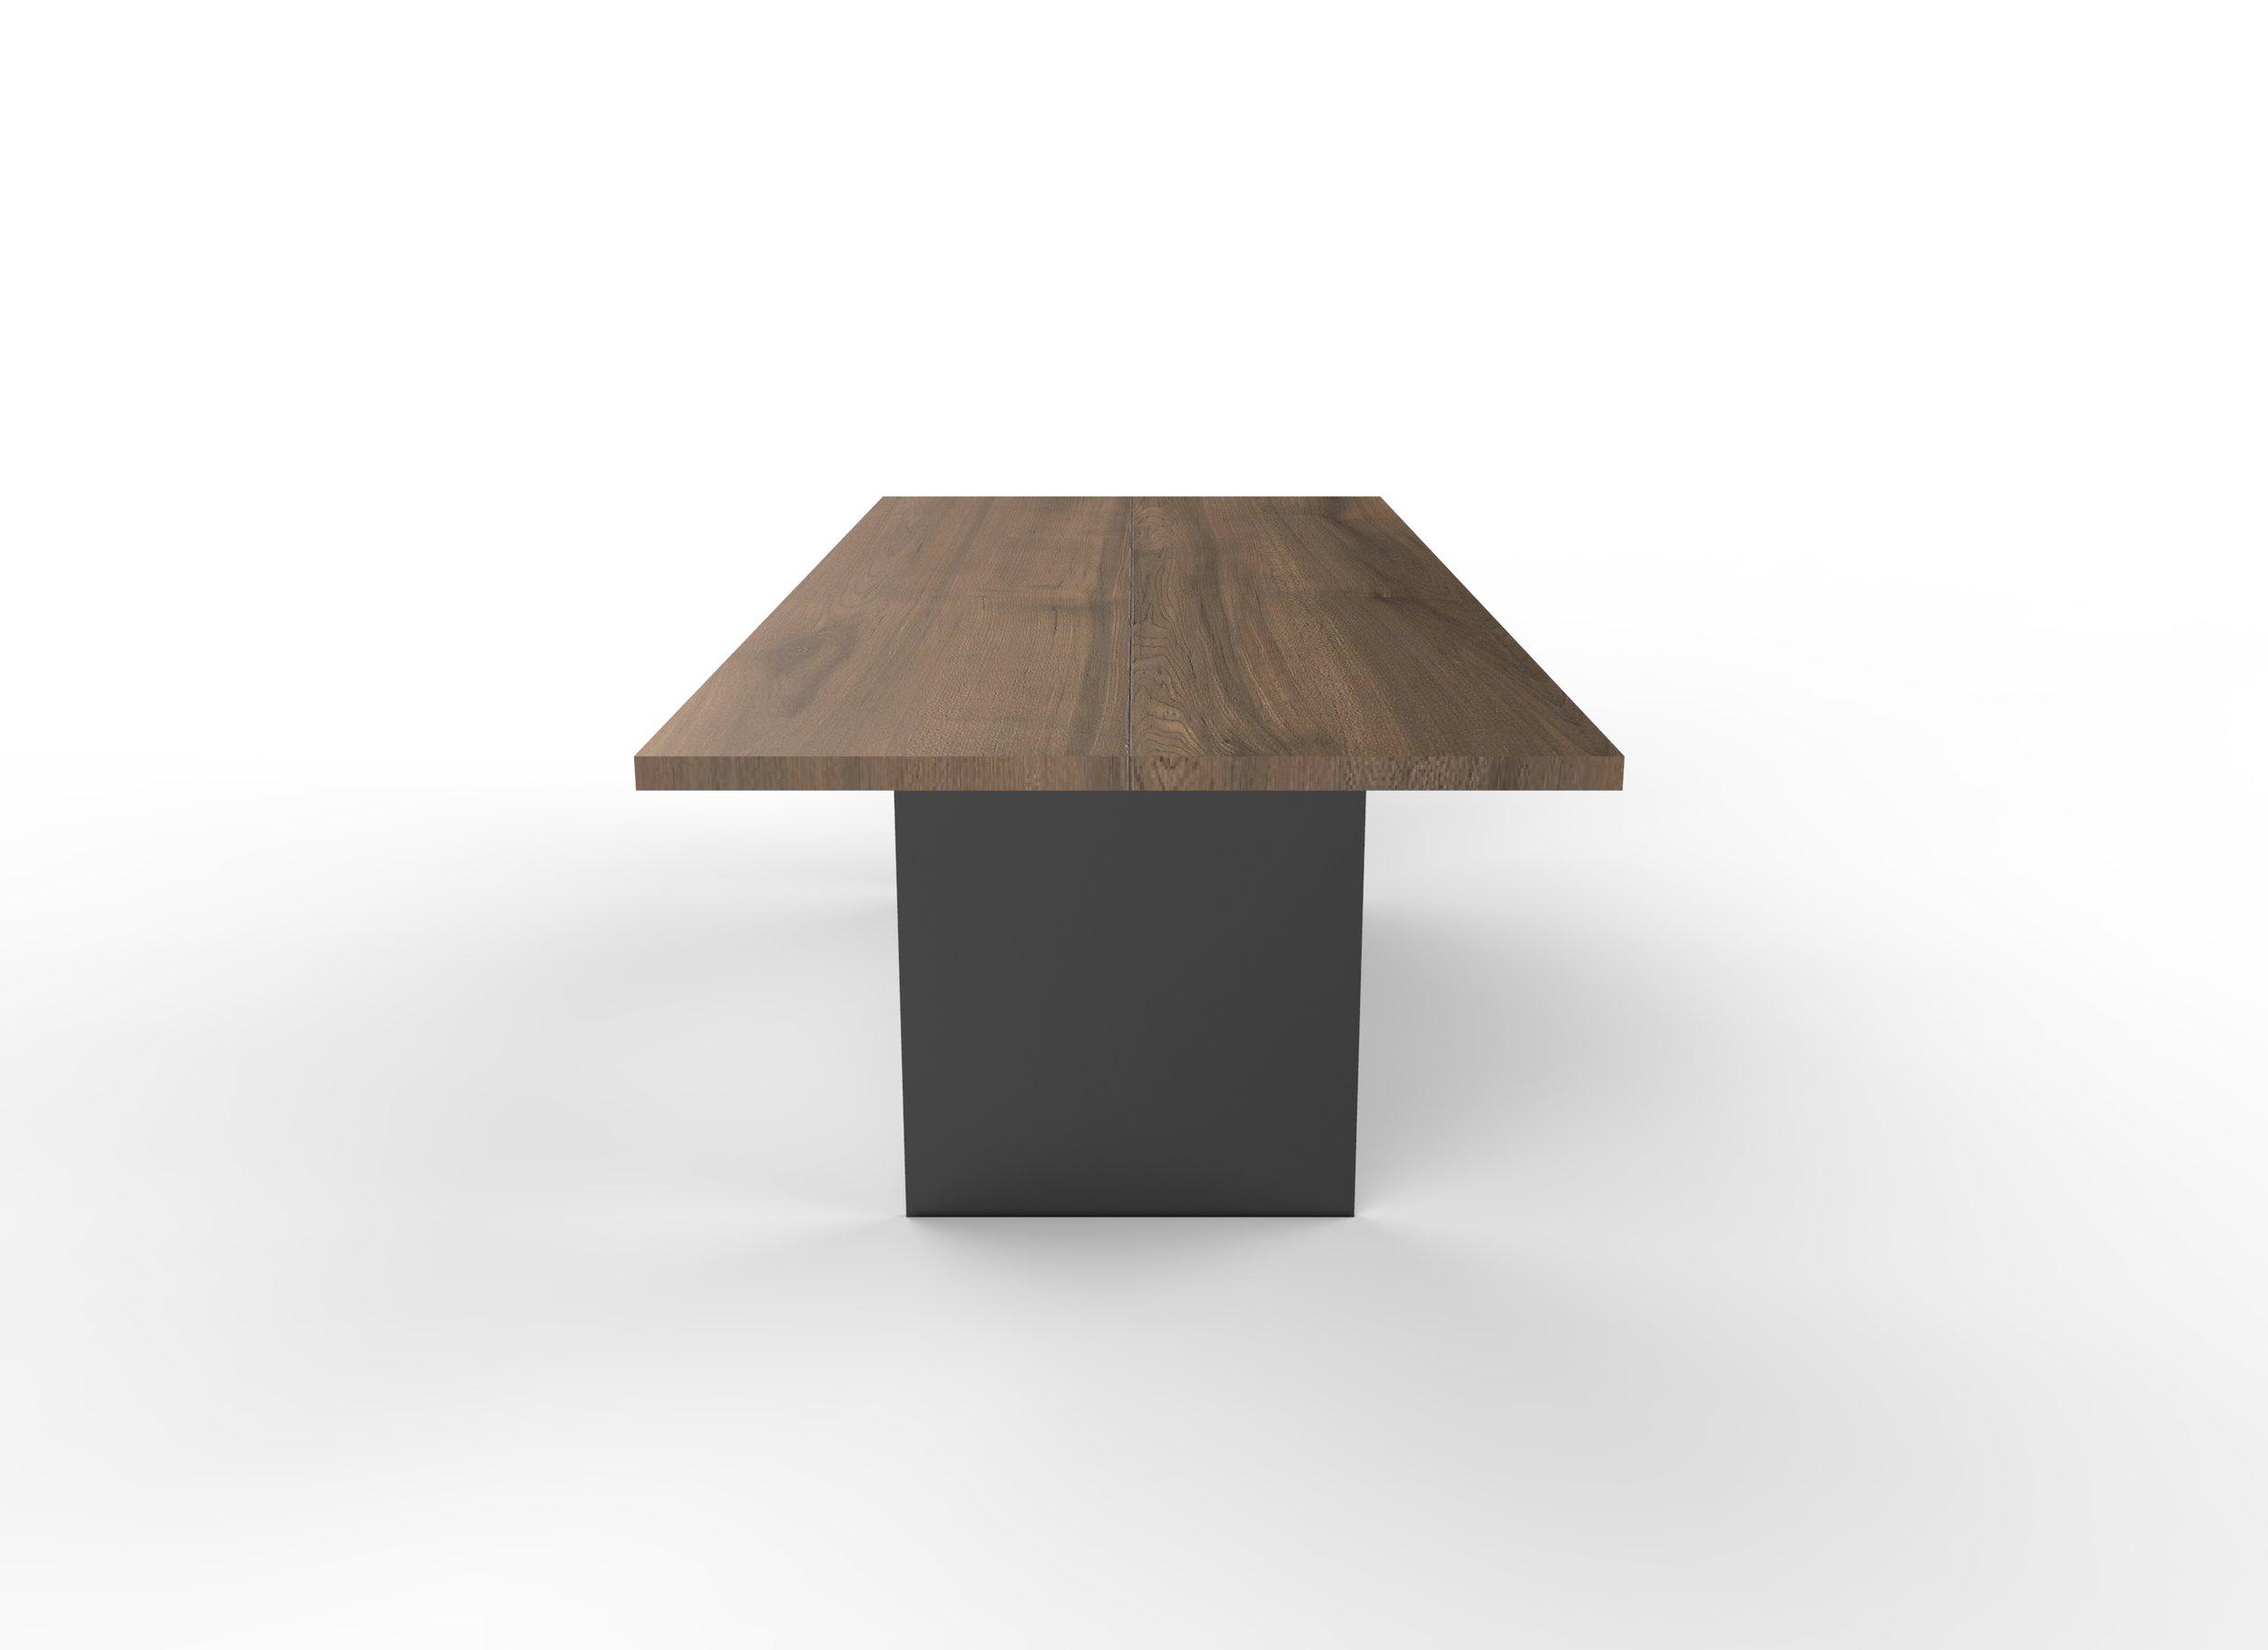 Nara square edge Walnut top in Clear, Matte Black Bronze base